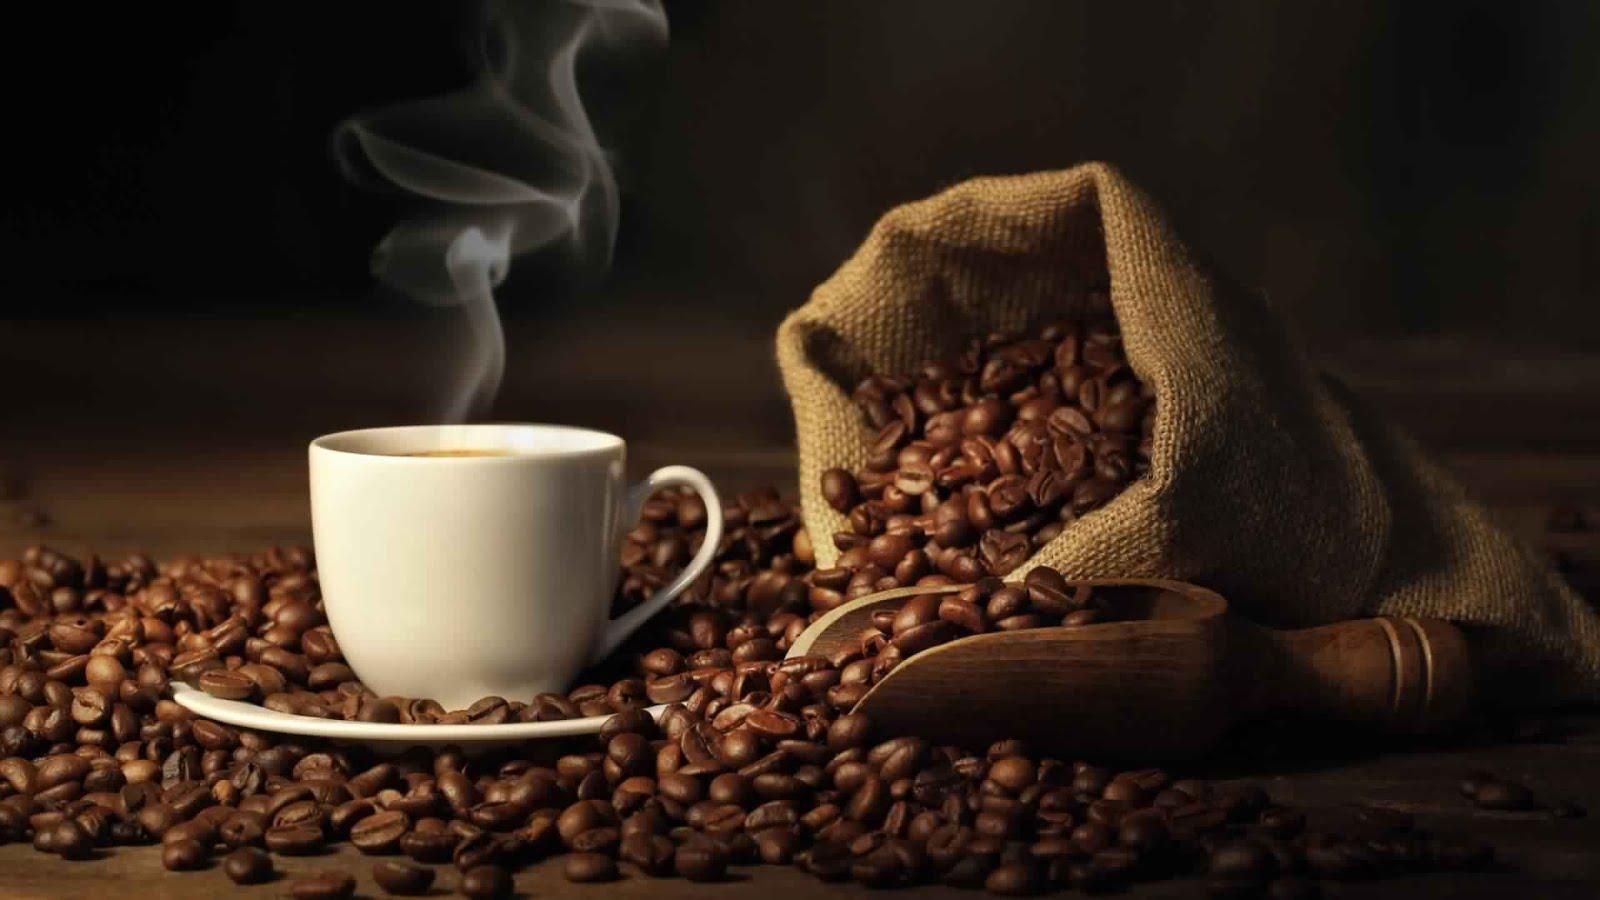 صوره صور عن القهوة , اروع انواع بذور القهوة